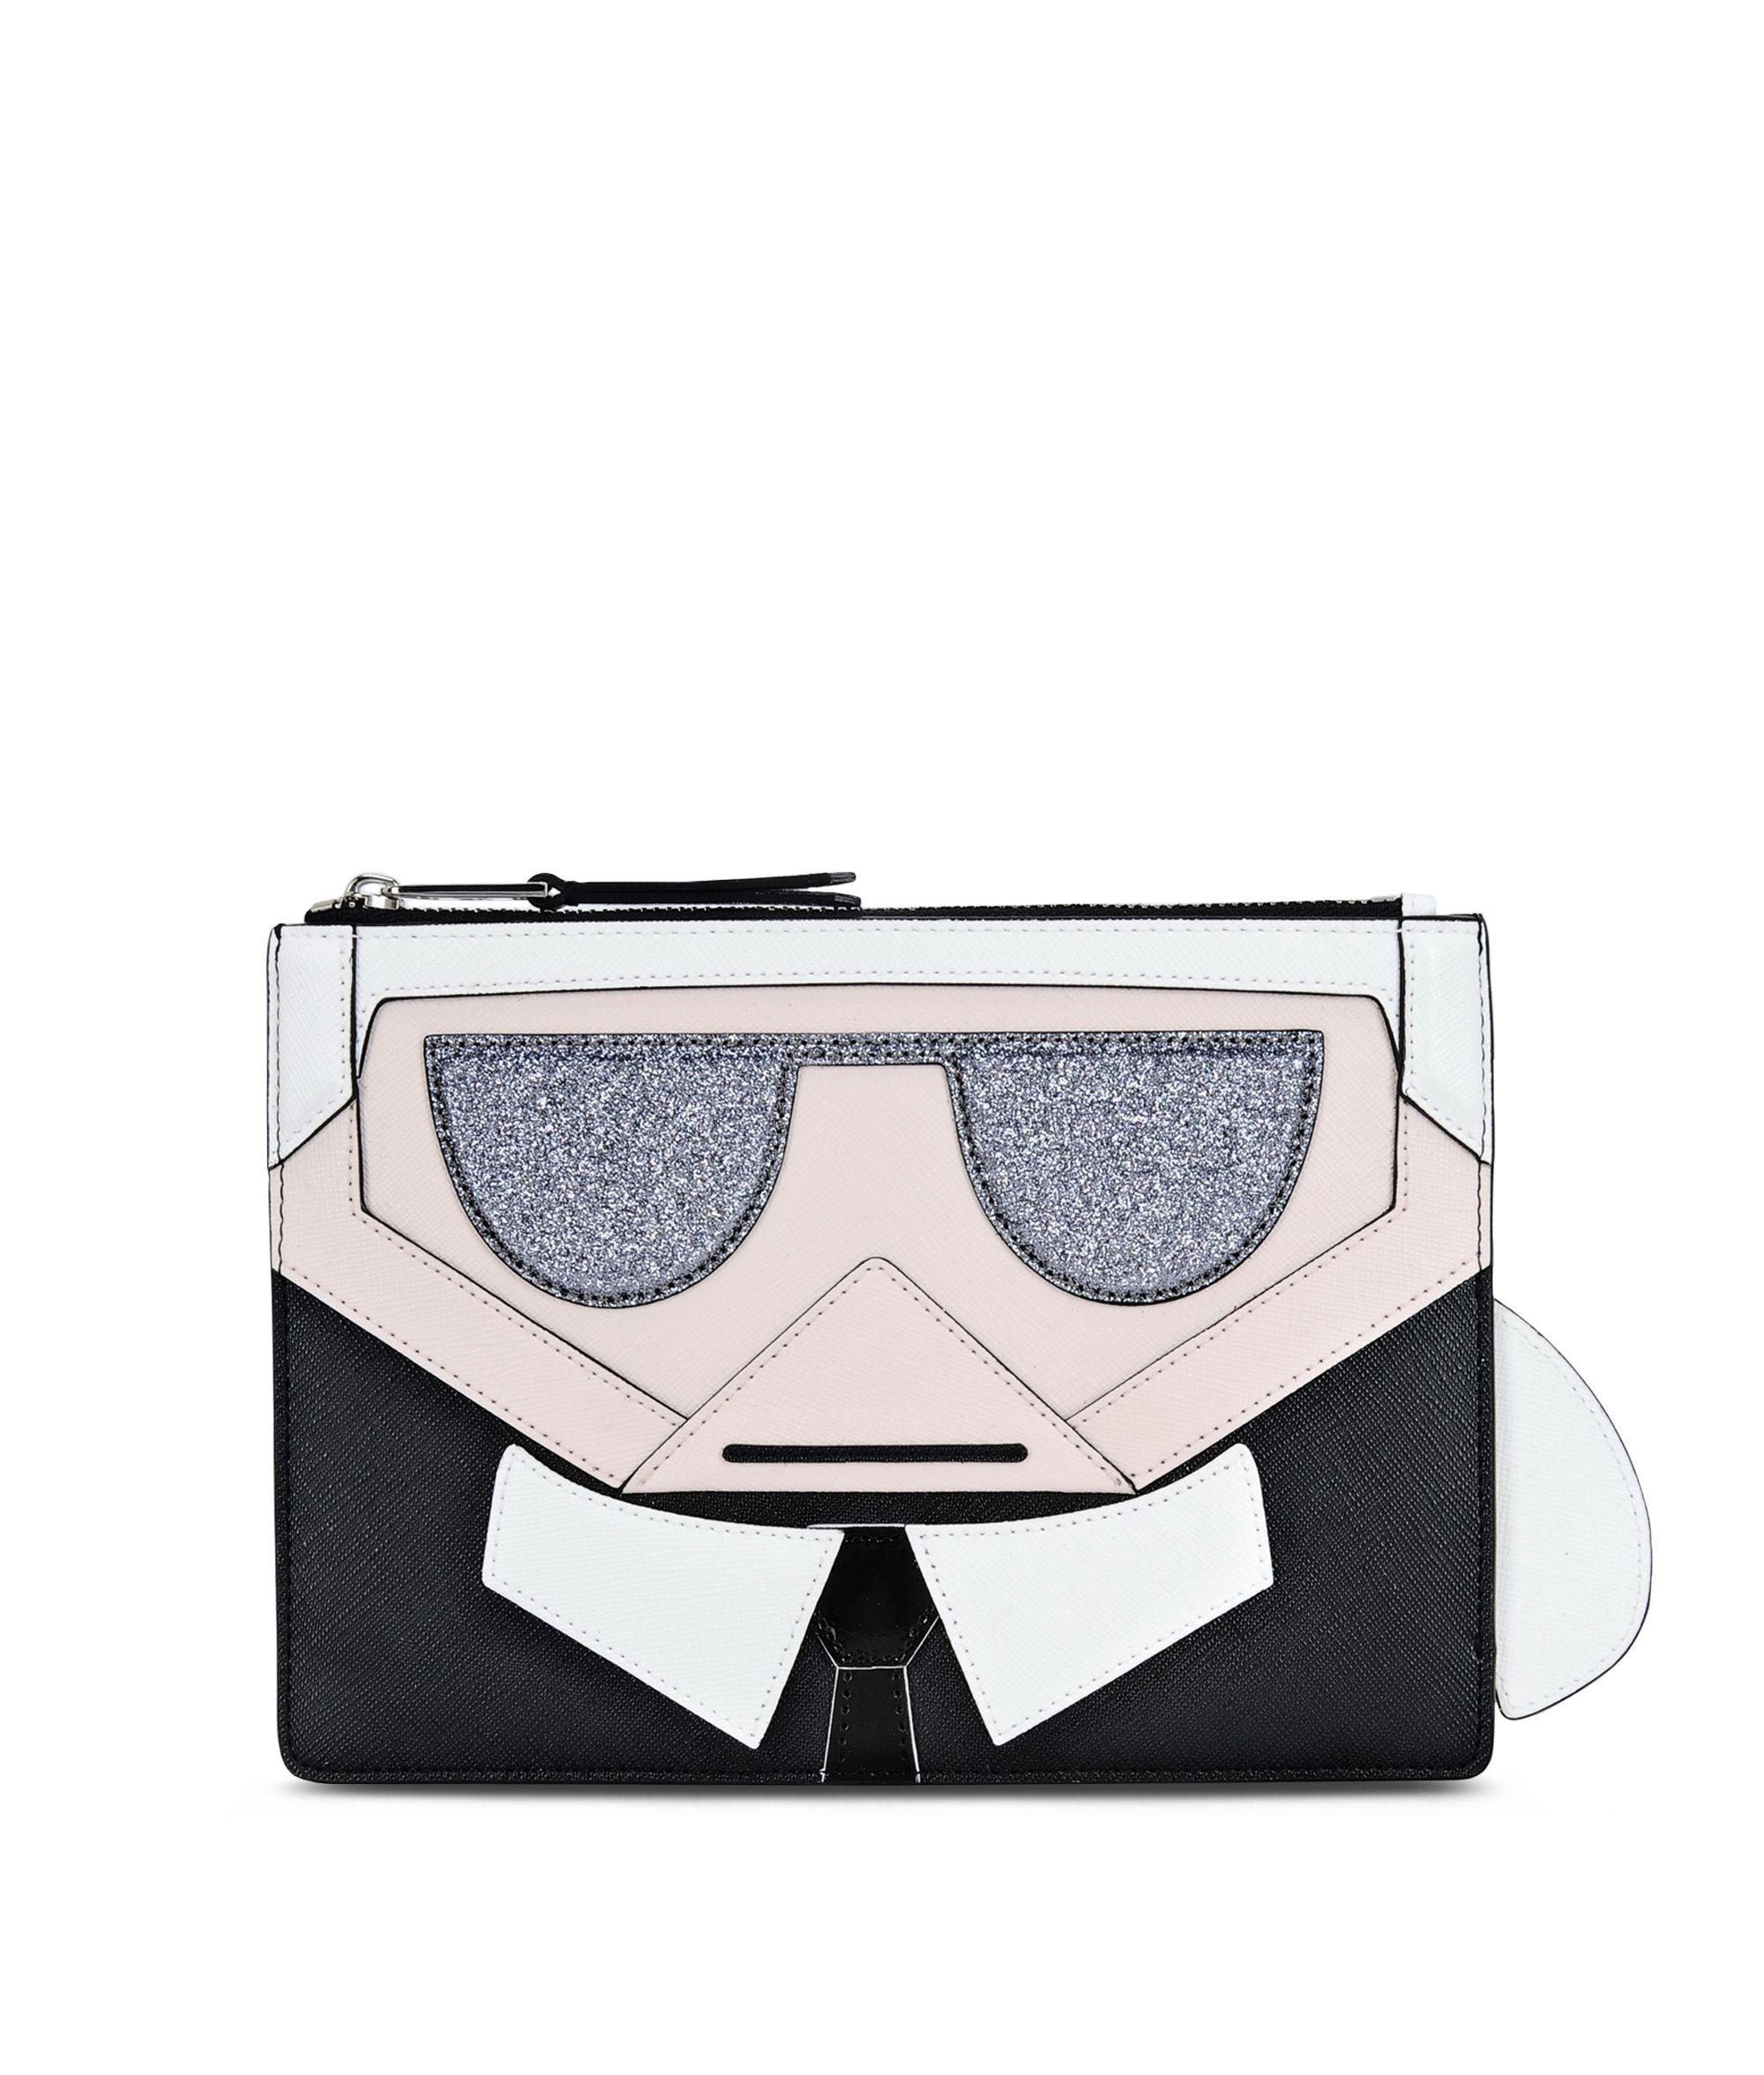 K Kocktail Karl Pouch 66KW3232 Karl Lagerfeld accessories: Uvod u uzbudljivu XYZ modnu jesen